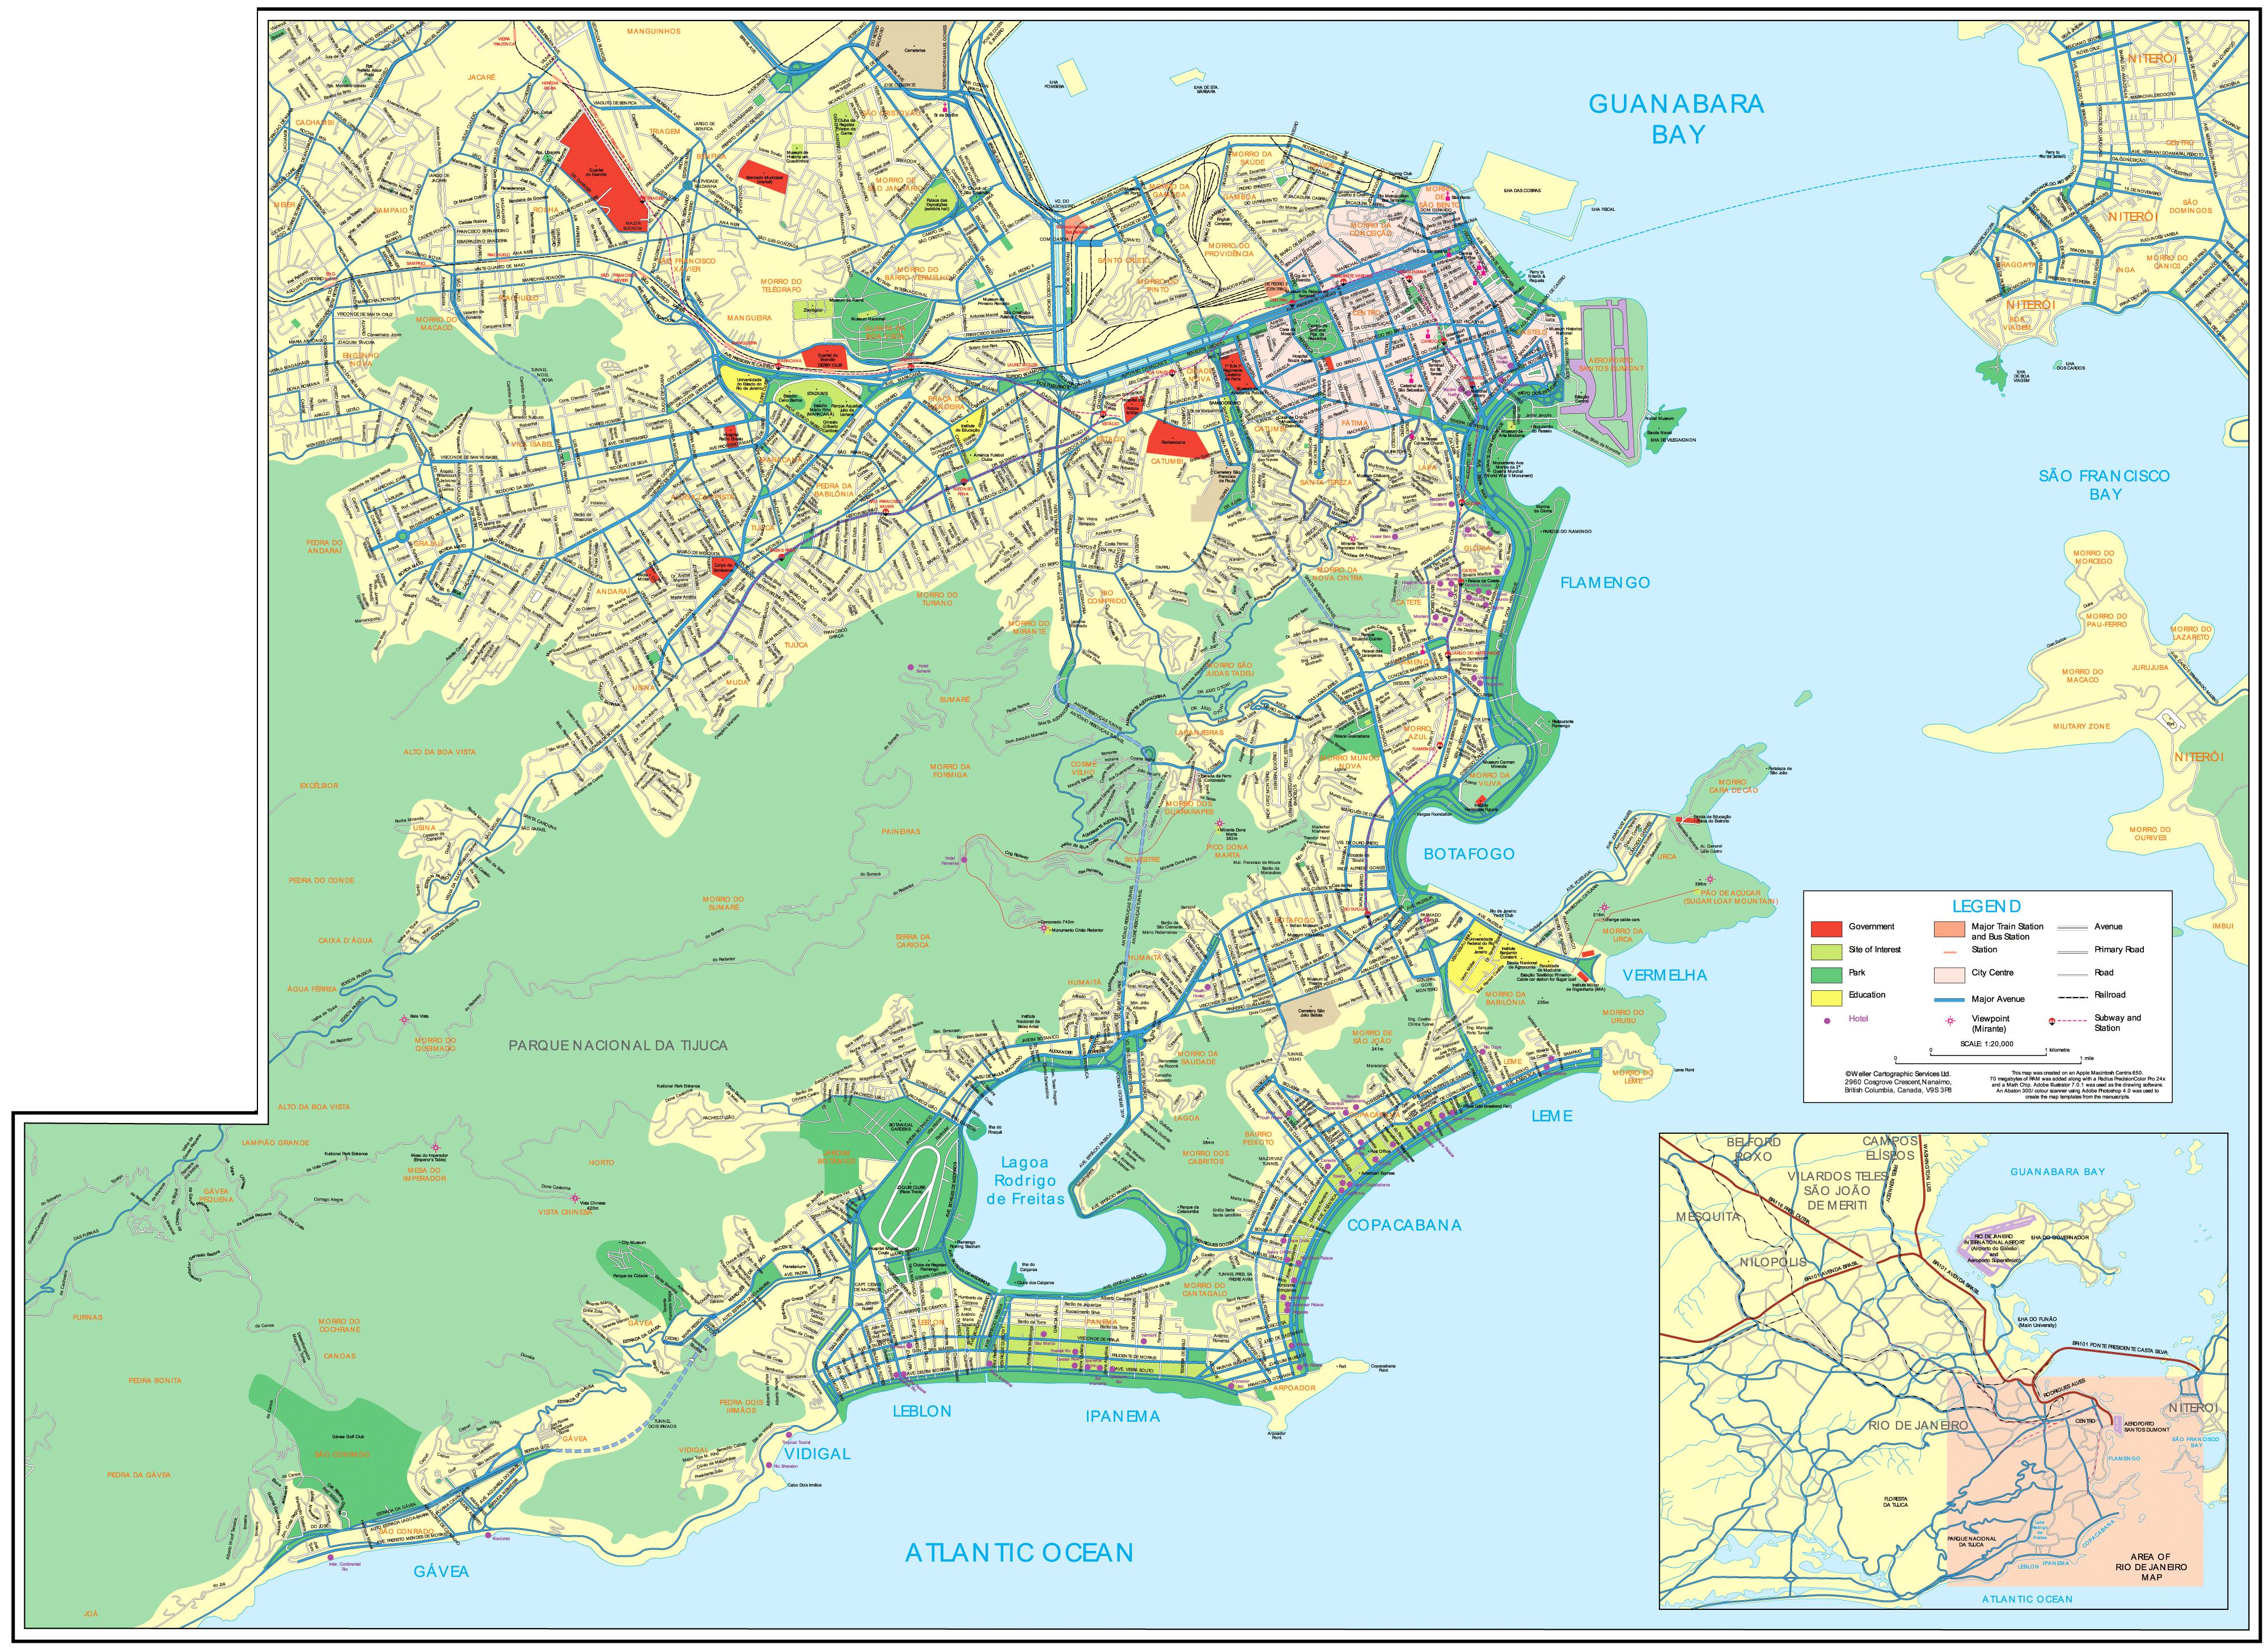 Rio De Janeiro Map • Mapsof.net